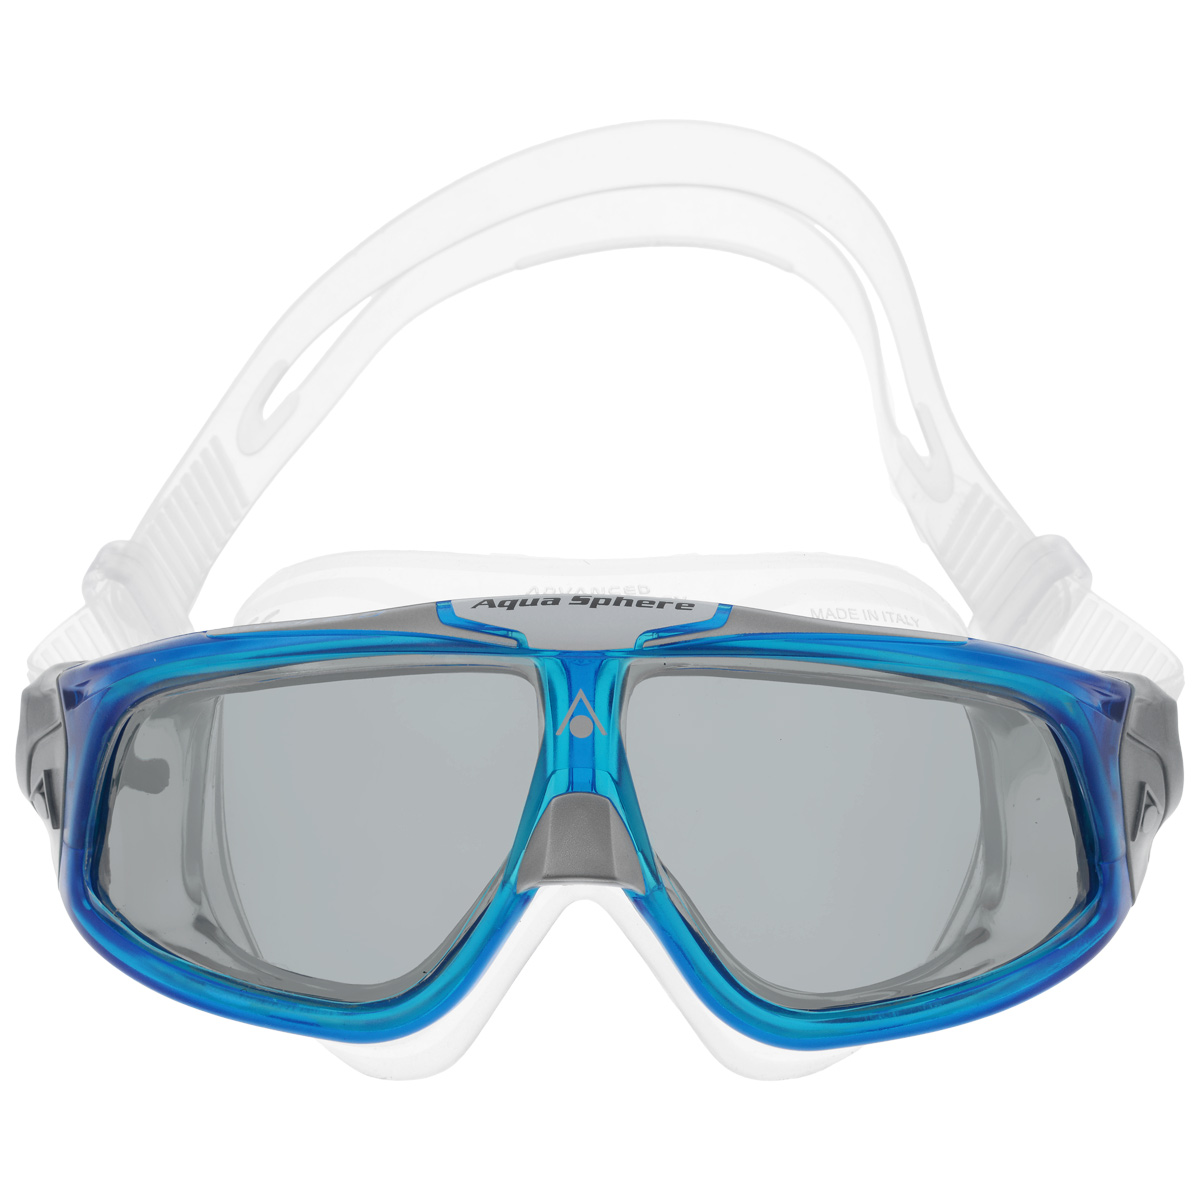 Очки для плавания Aqua Sphere Seal 2.0, цвет: прозрачный, синий очки для плавания aqua sphere k180 lady цвет белый розовый